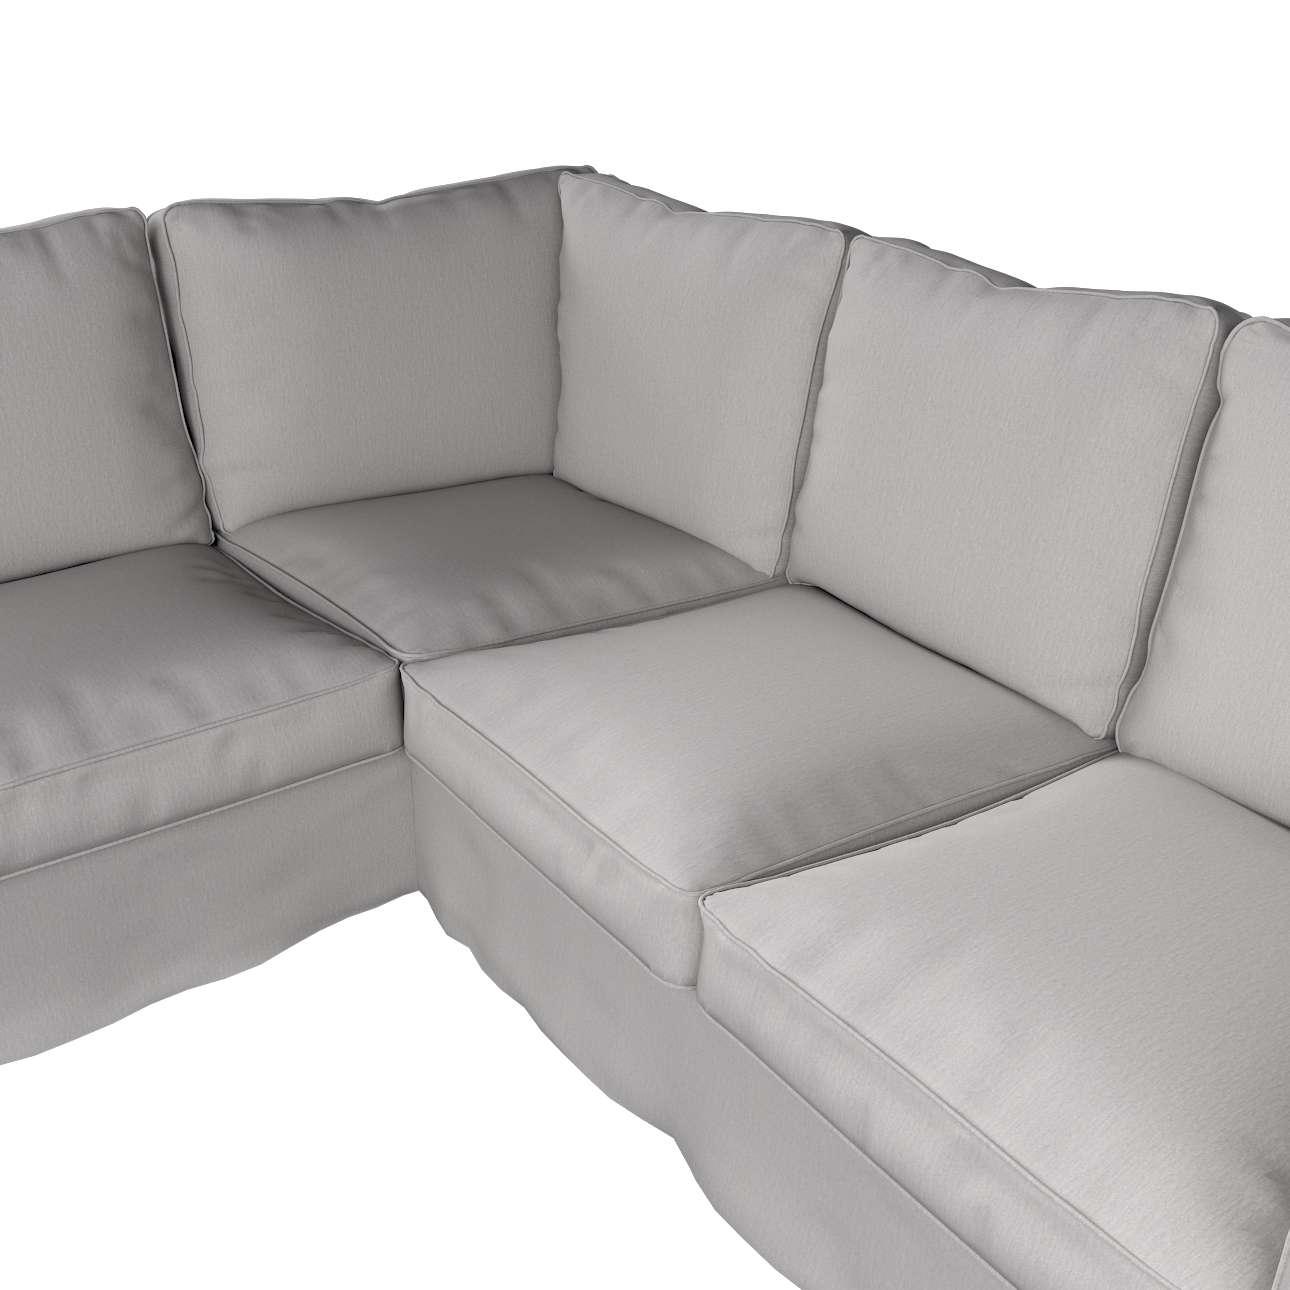 Ektorp kampinė sofa kolekcijoje Chenille, audinys: 702-23